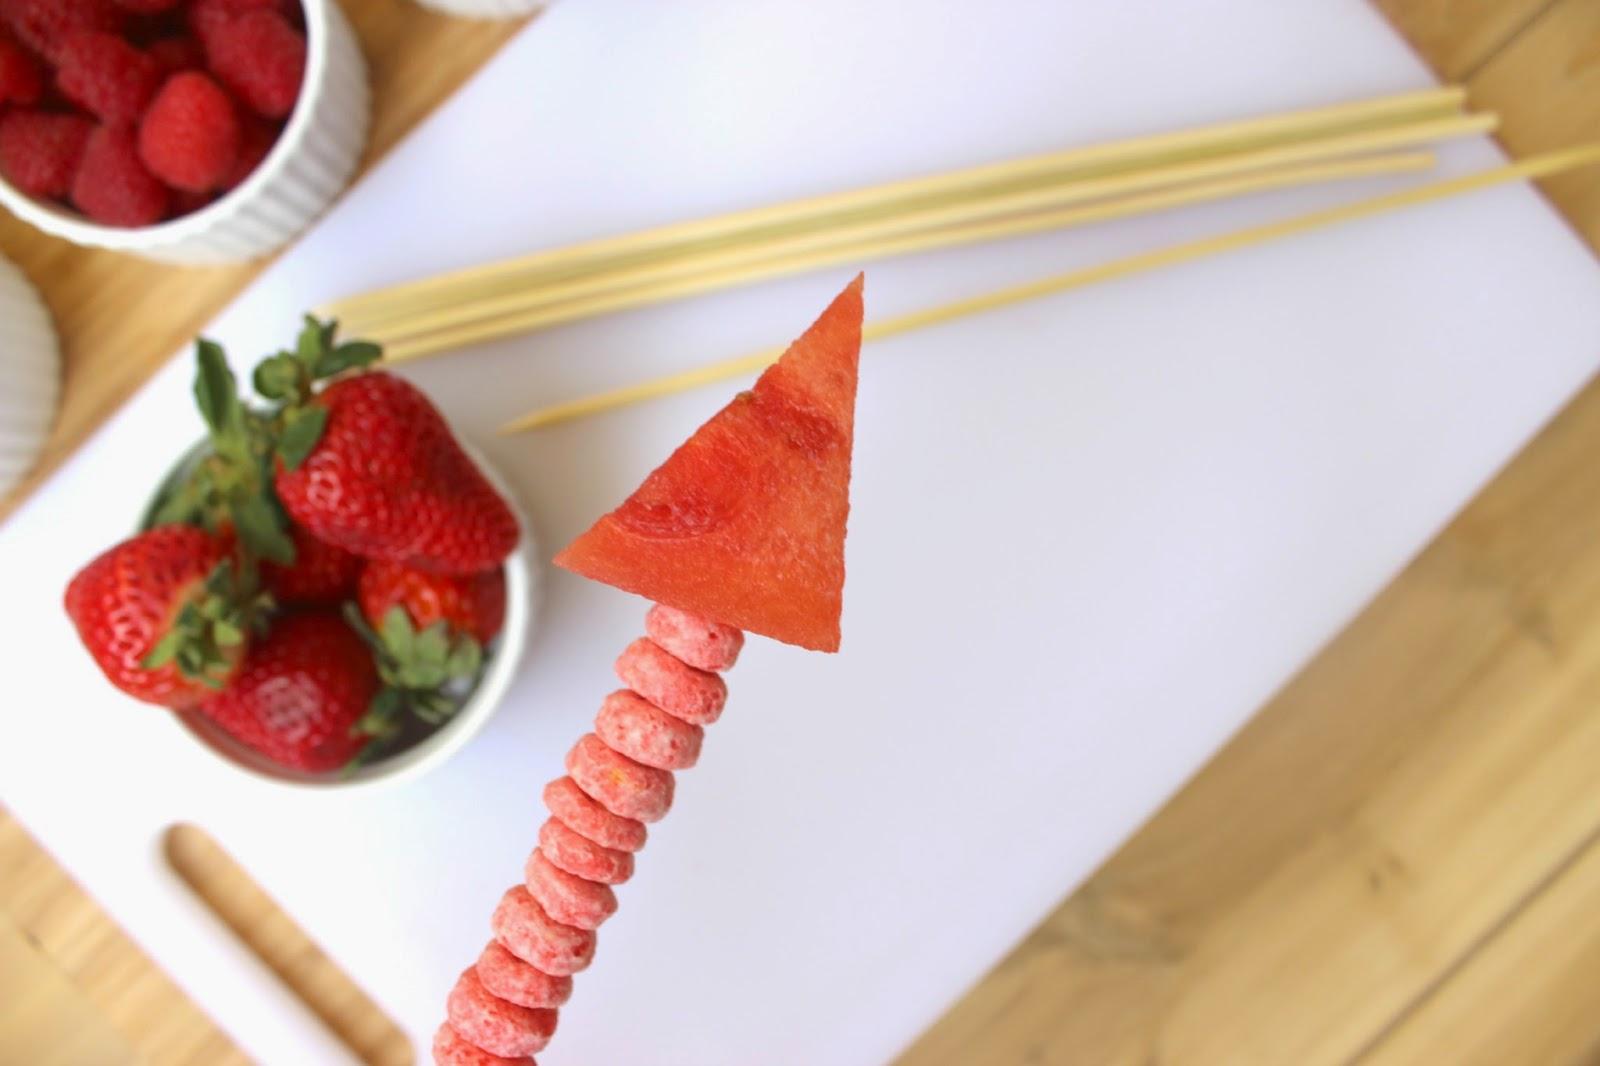 Cupid's Arrow Fruit Skewers